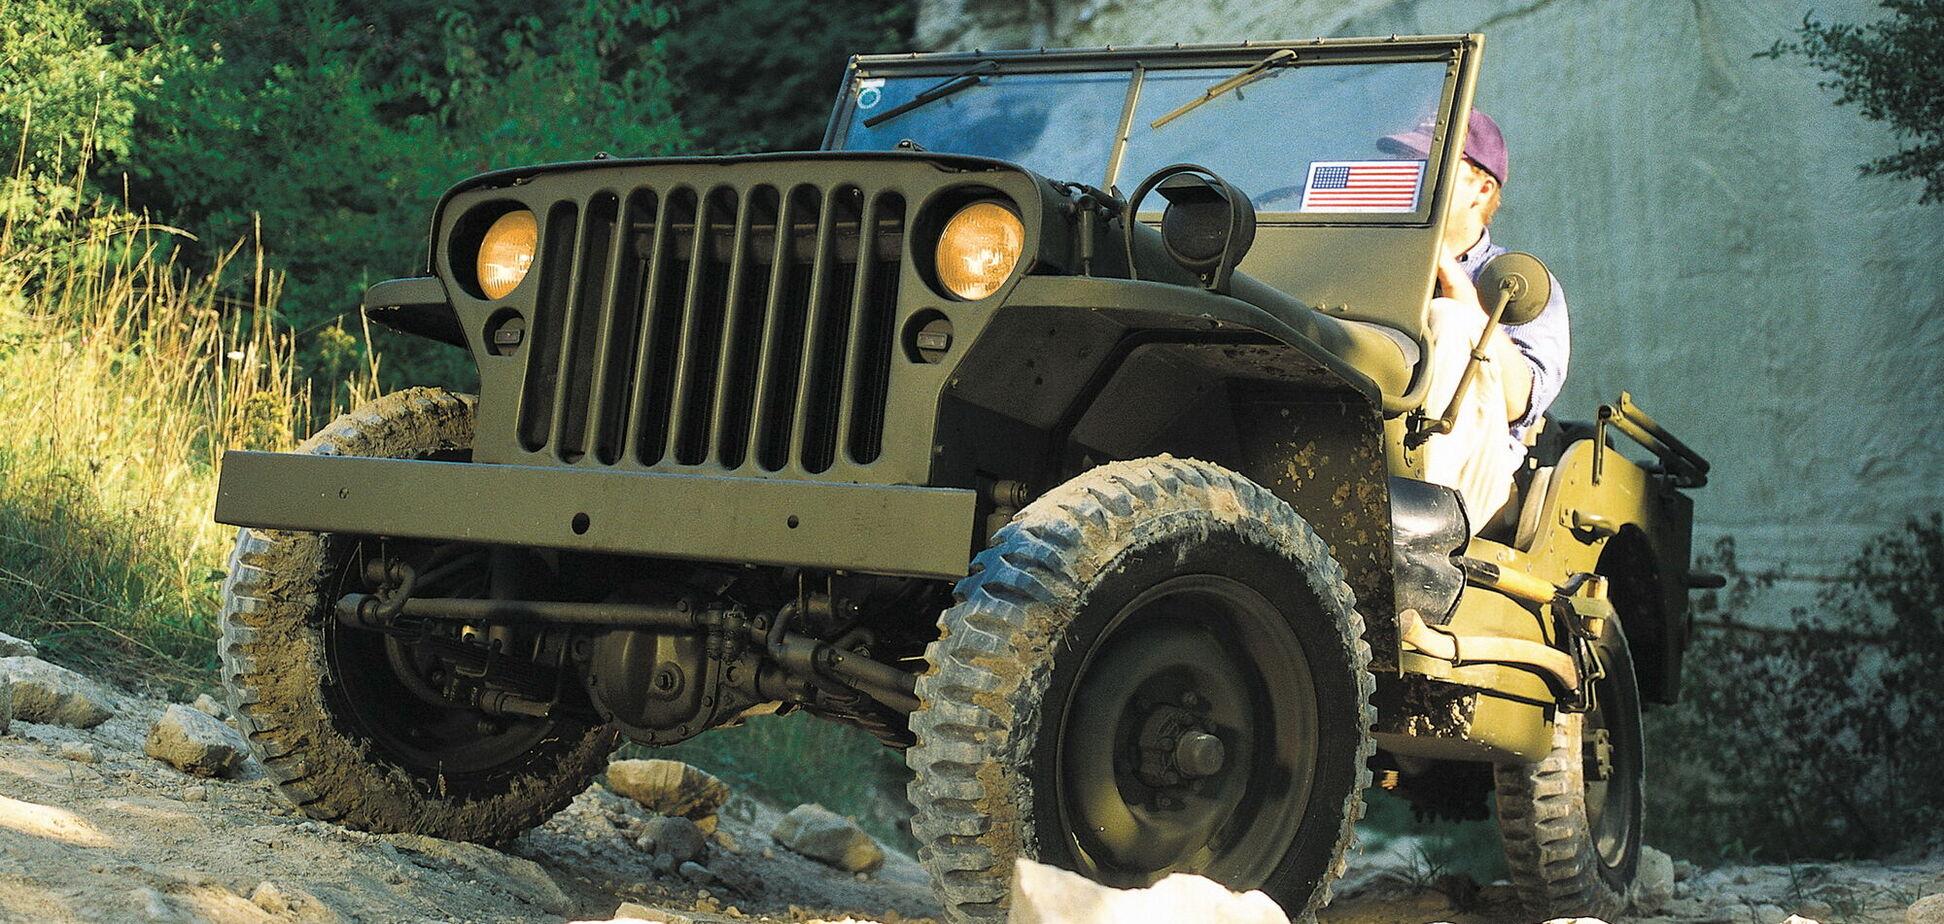 Компания Jeep отметила свое 80-летие